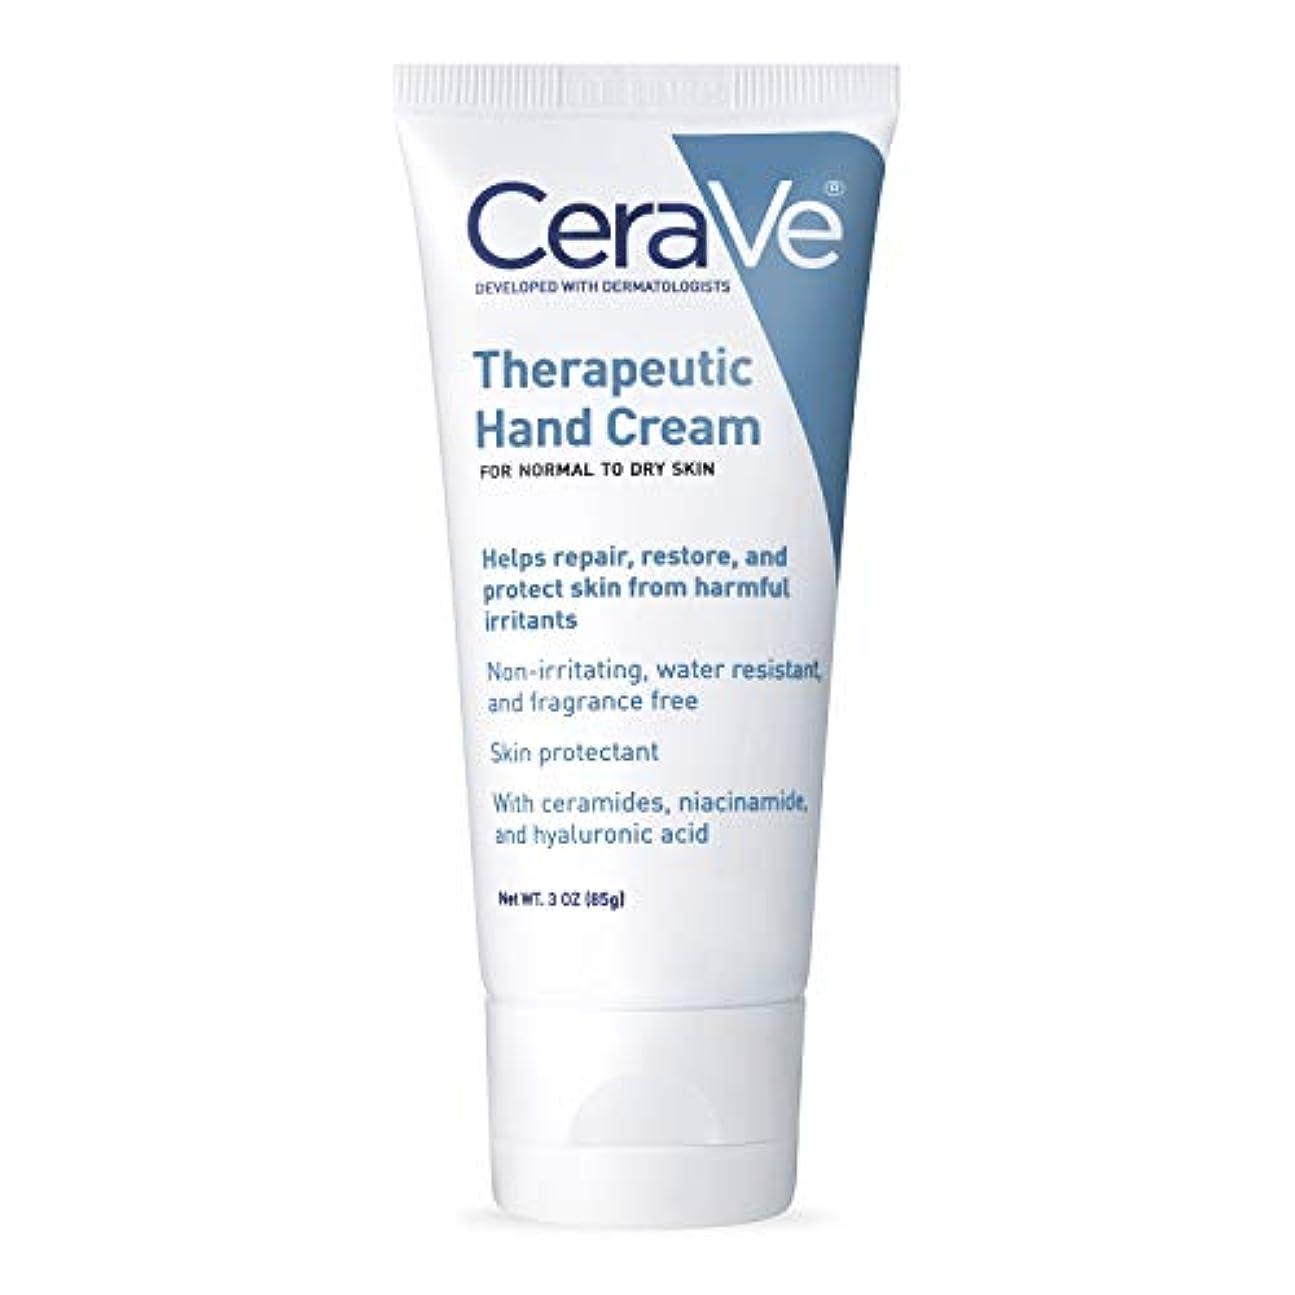 落とし穴ソファー非難する海外直送品Cerave CeraVe Therapeutic Hand Cream For Normal to Dry Skin, 3 oz